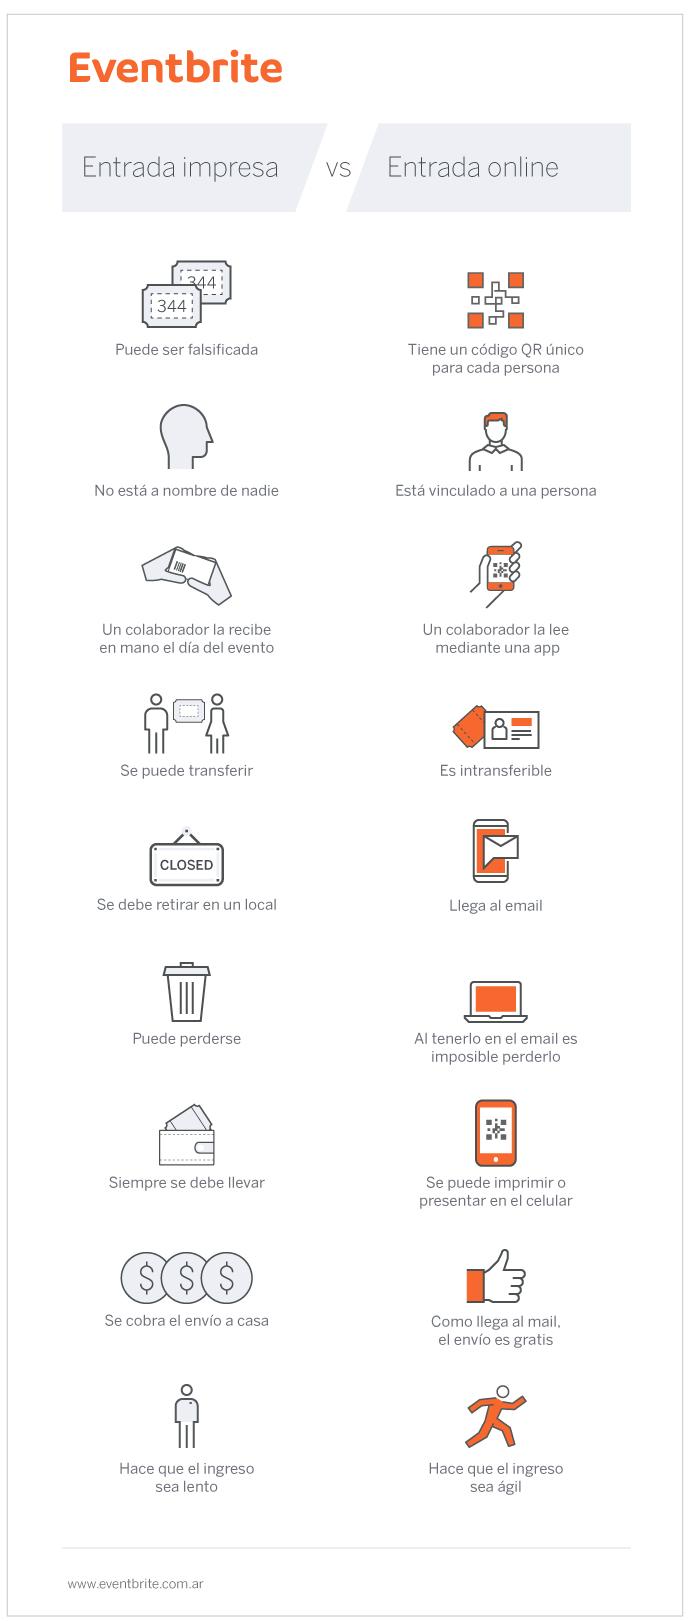 entrada-impresa-versus-entrada-online